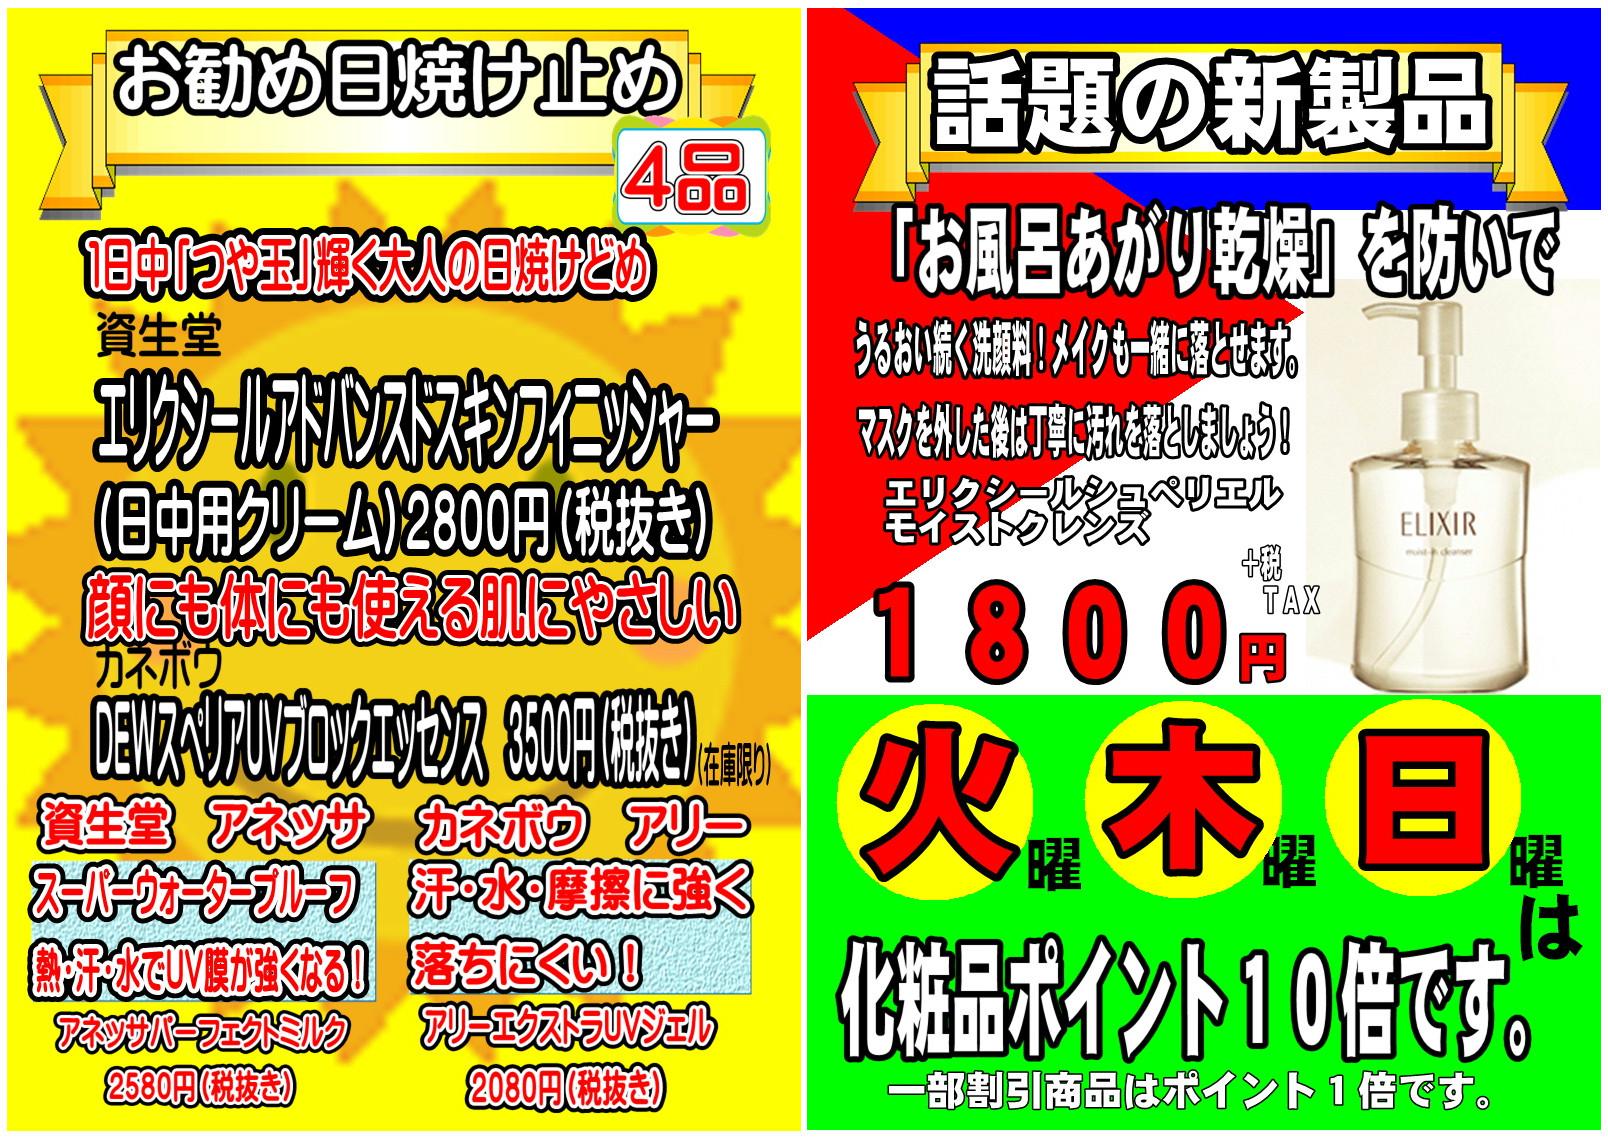 """キョーエイ北島店""""化粧品コーナー""""より♡ 『耳寄り情報』3本立て!!!"""